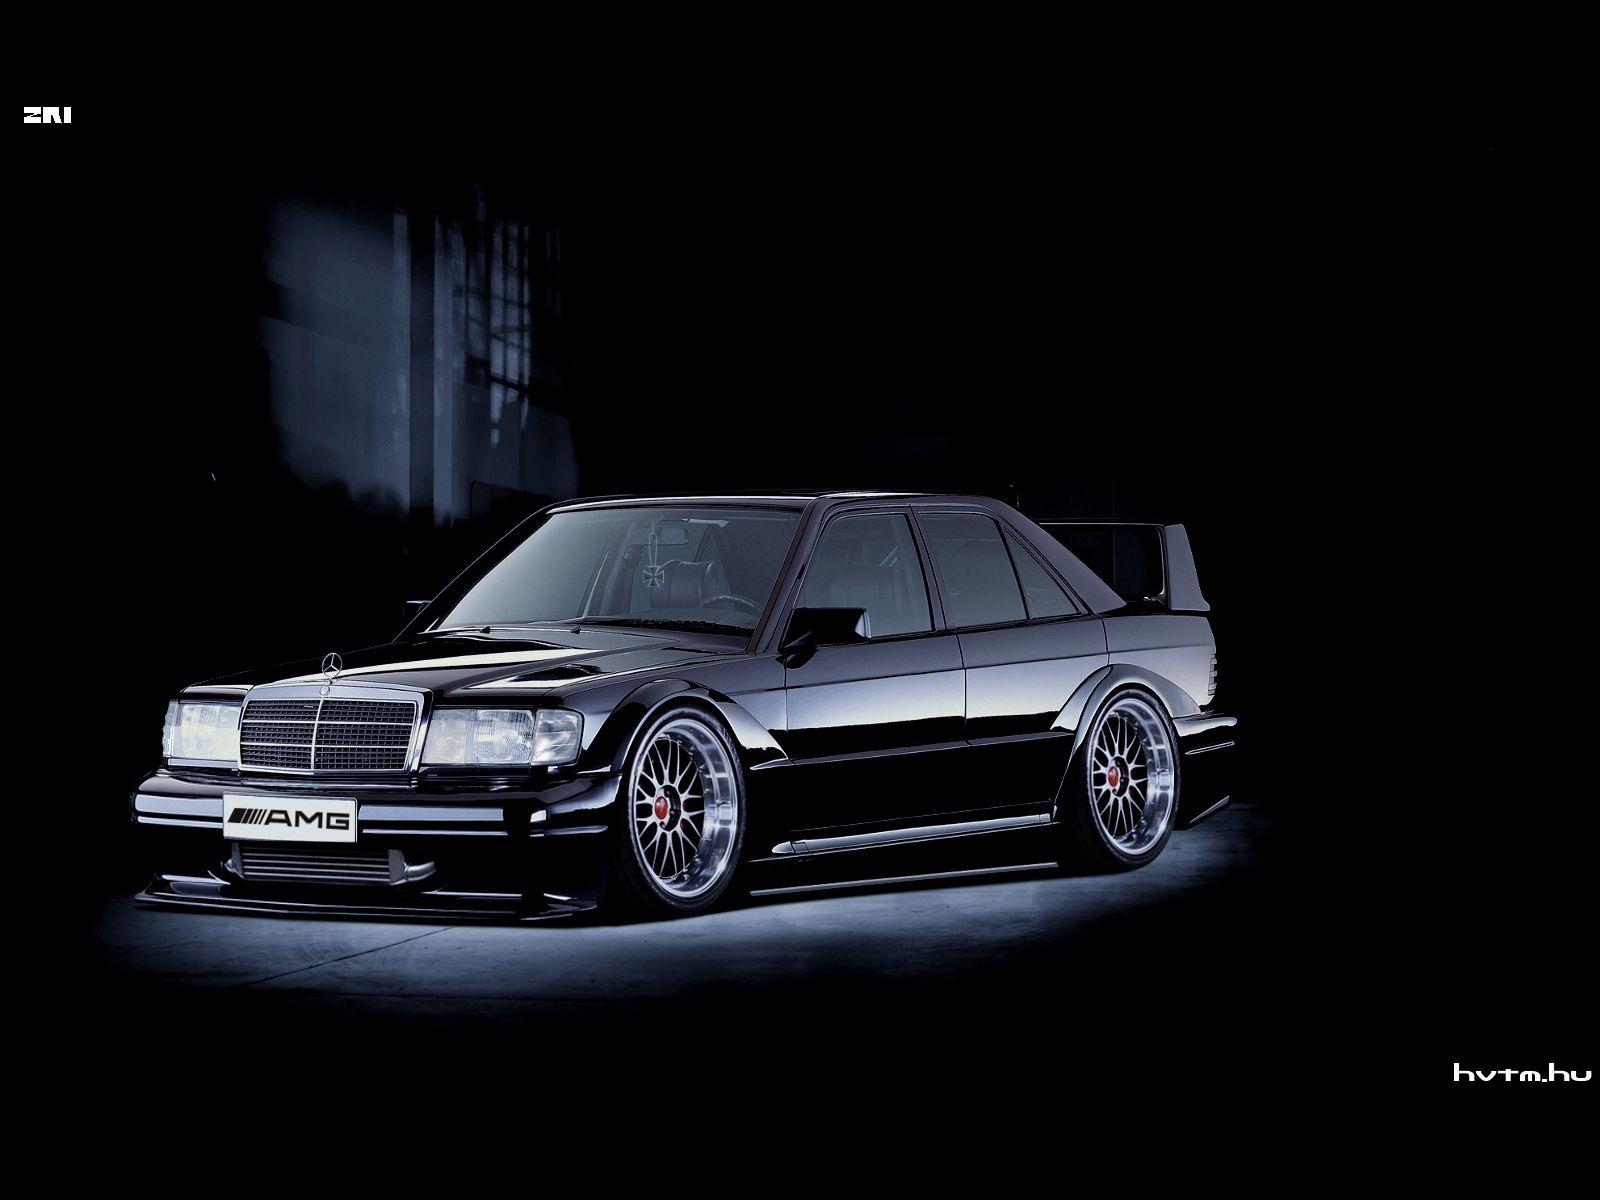 Mercedes benz 280sl car vehicl wrap mercedes benz merced pagoda - Mercedes Benz 280sl Car Vehicl Wrap Mercedes Benz Merced Pagoda 30